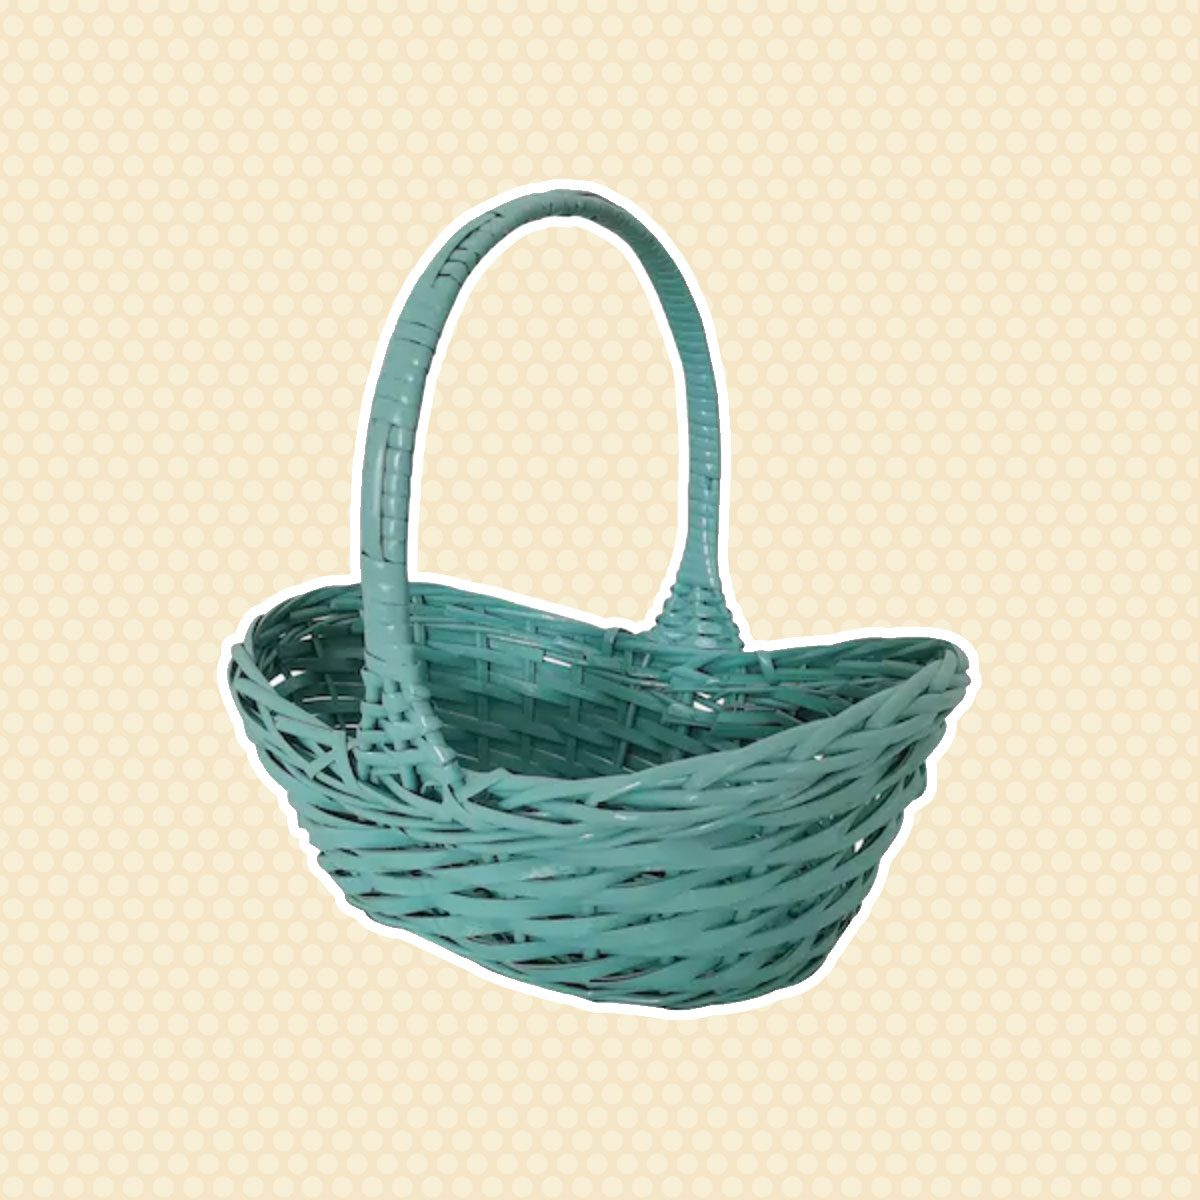 Blue Willow Basket vintage easter decorations